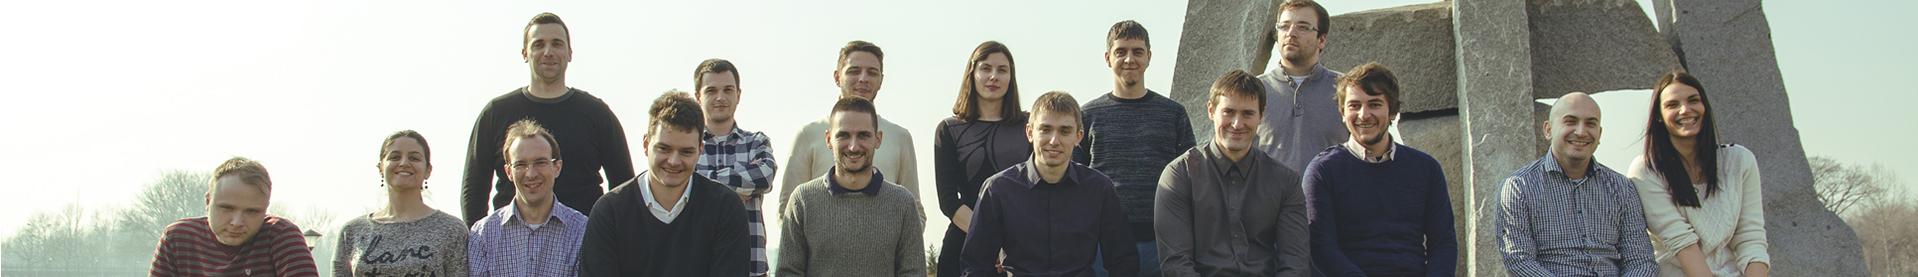 Milum team